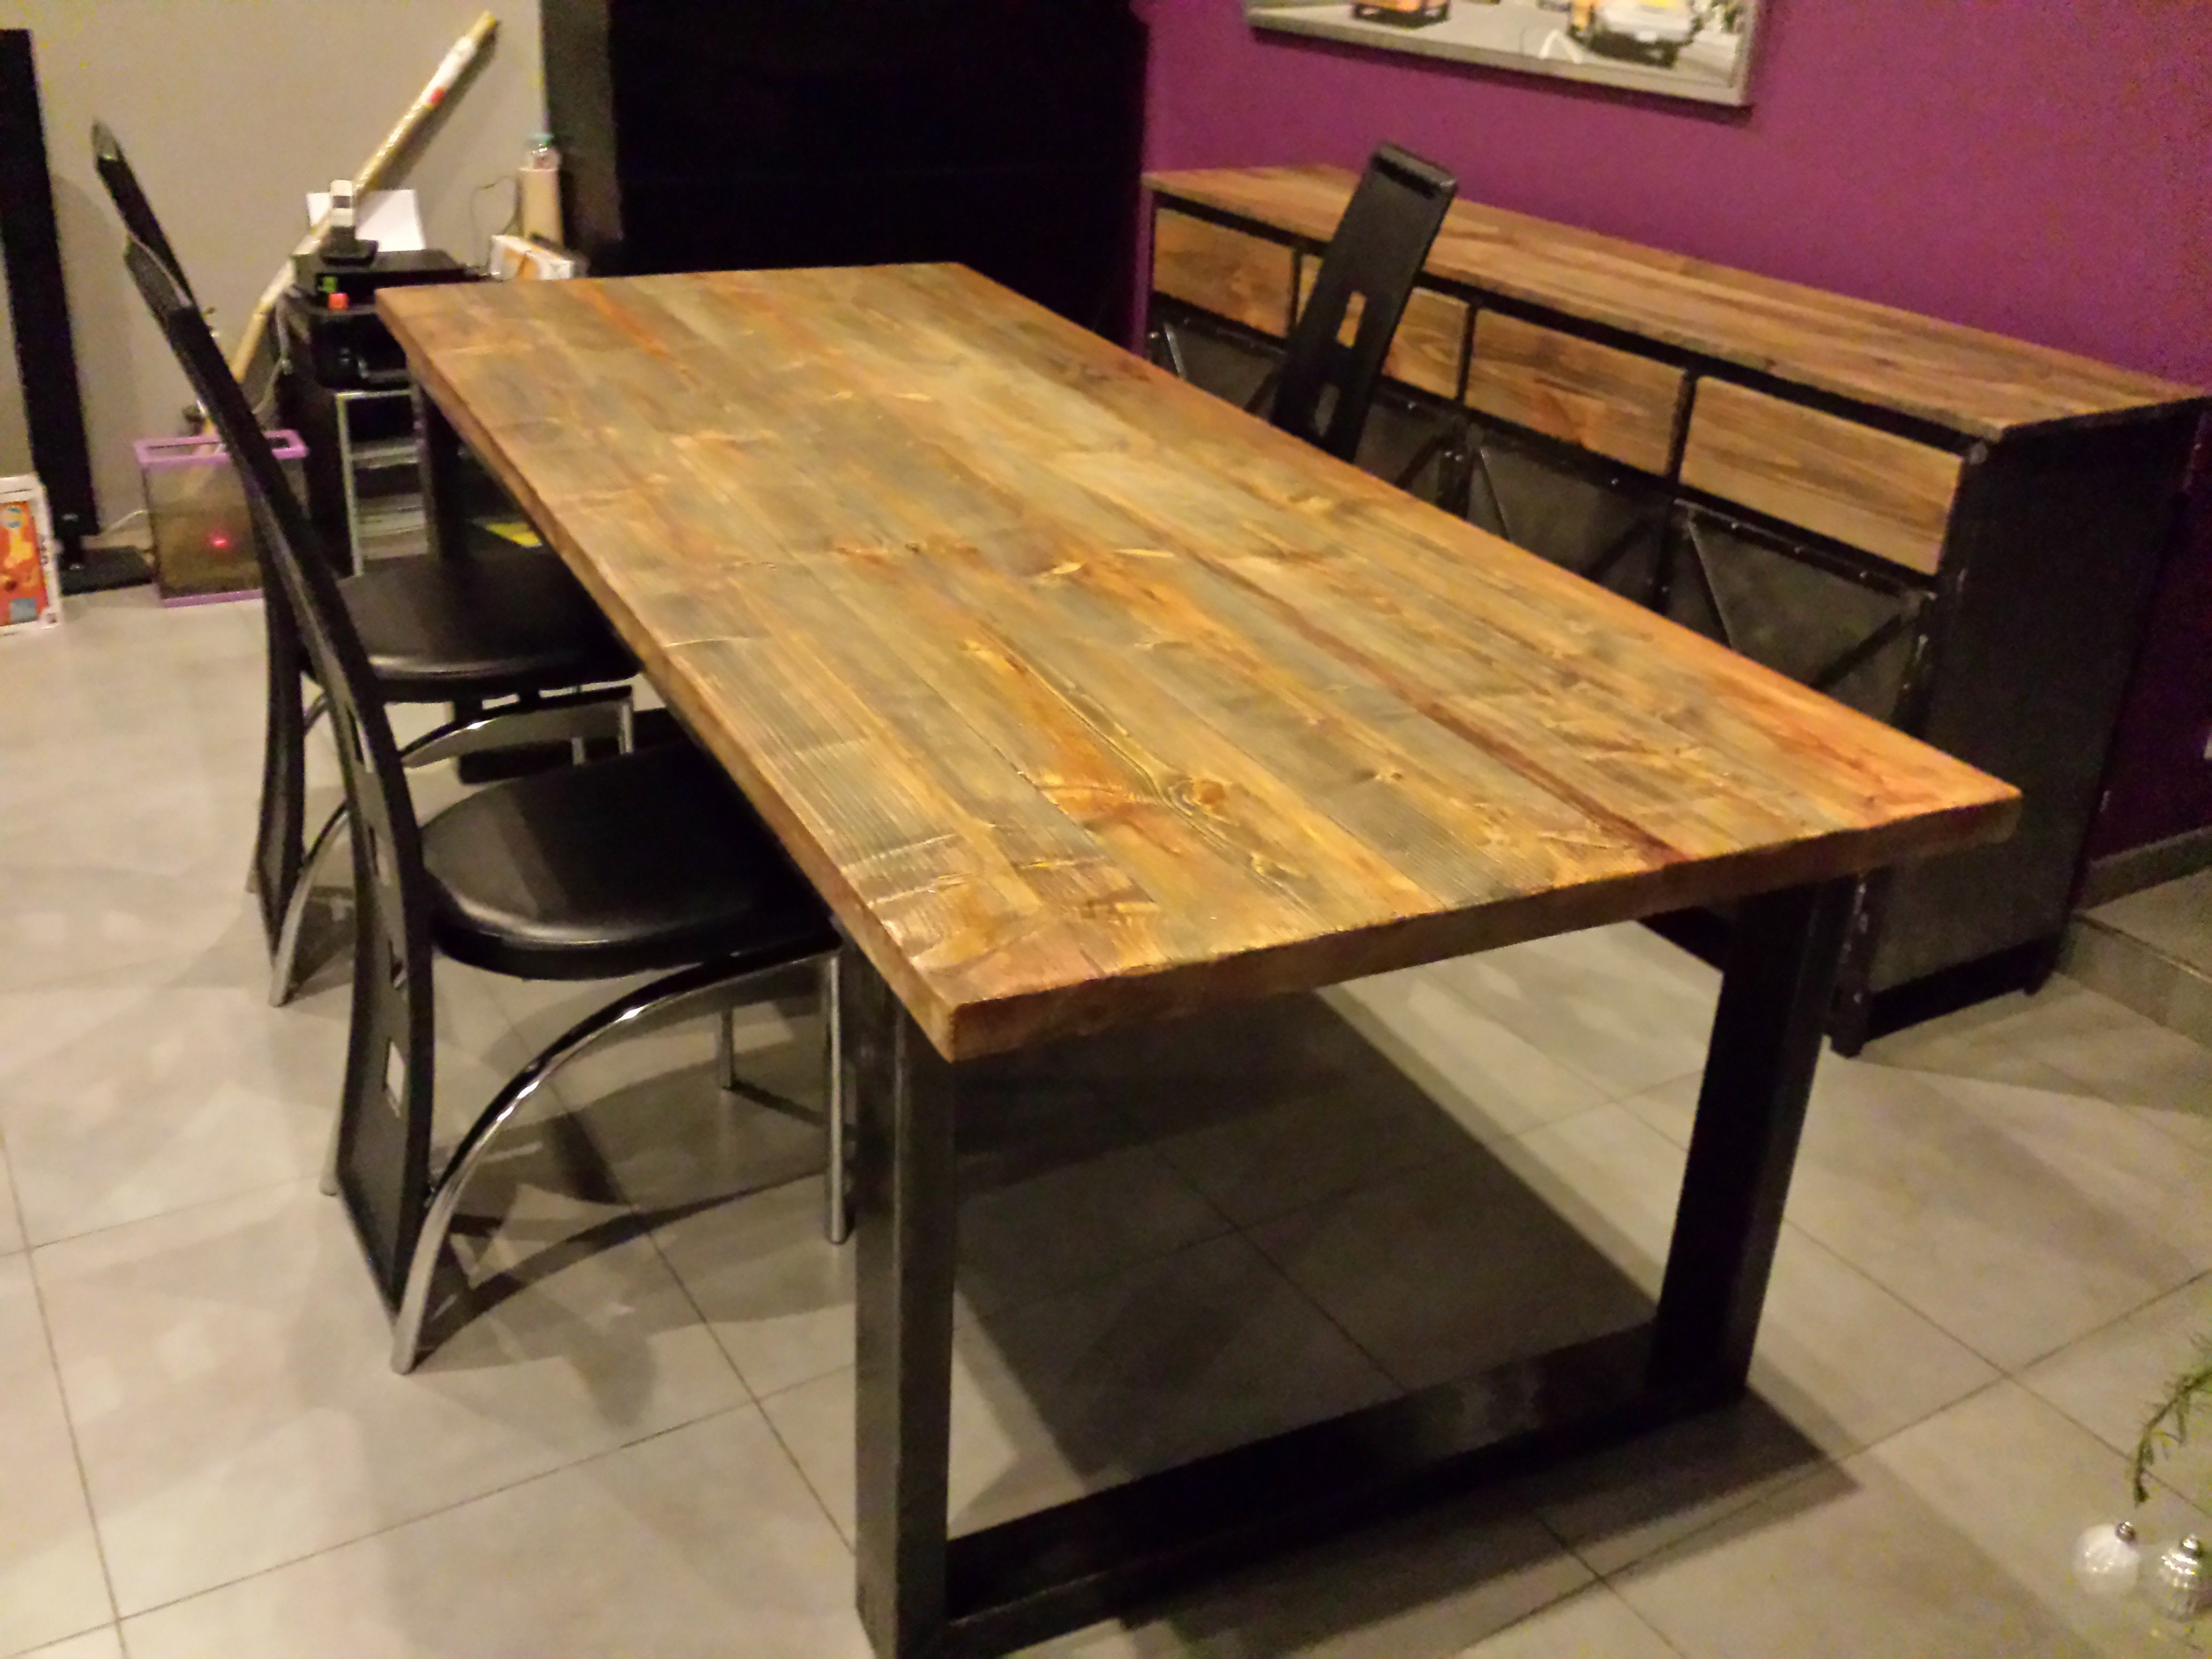 Table de salle a manger industriel pied en acier plateau - Table salle a manger acier ...